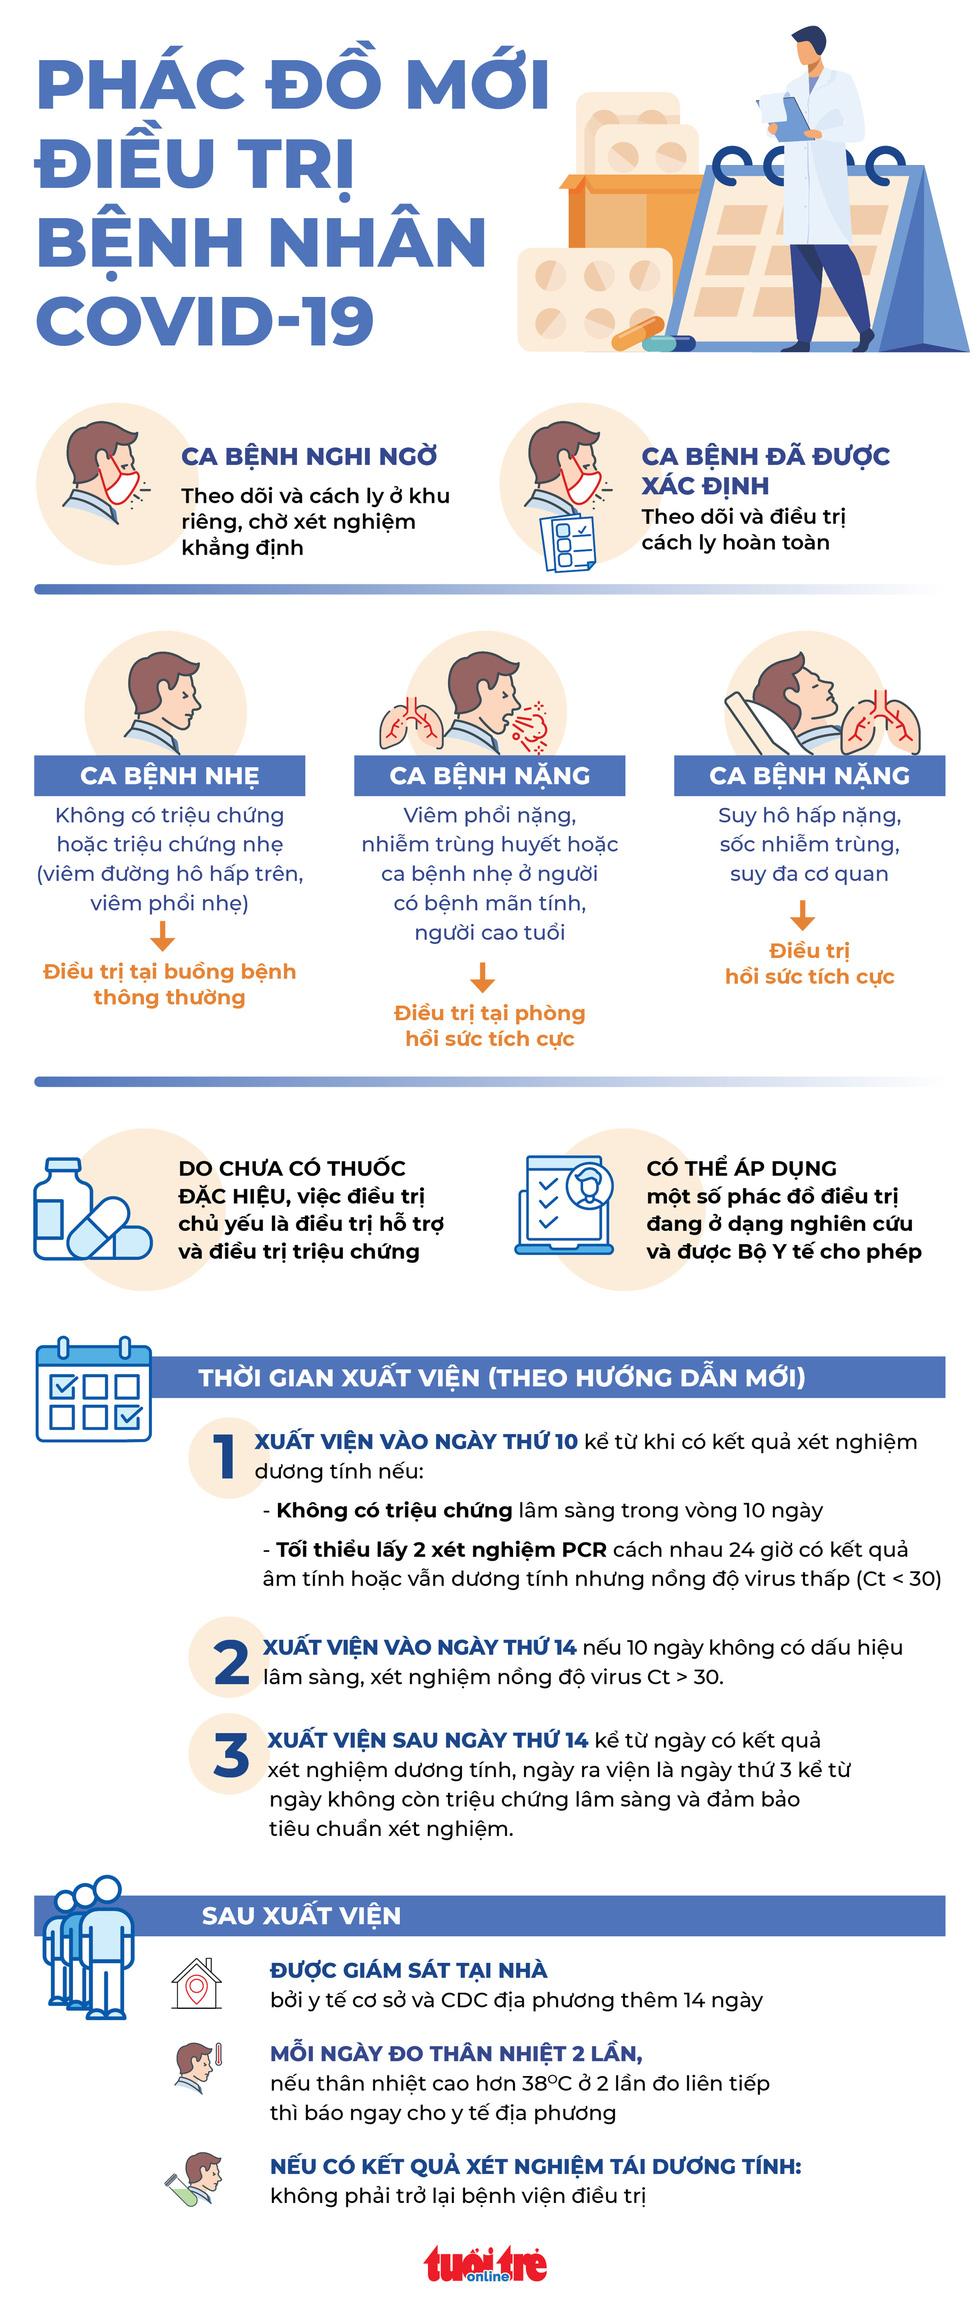 HỎI - ĐÁP về dịch COVID-19: Bộ Y tế thay đổi phác đồ điều trị COVID-19, mới ra sao? - Ảnh 1.